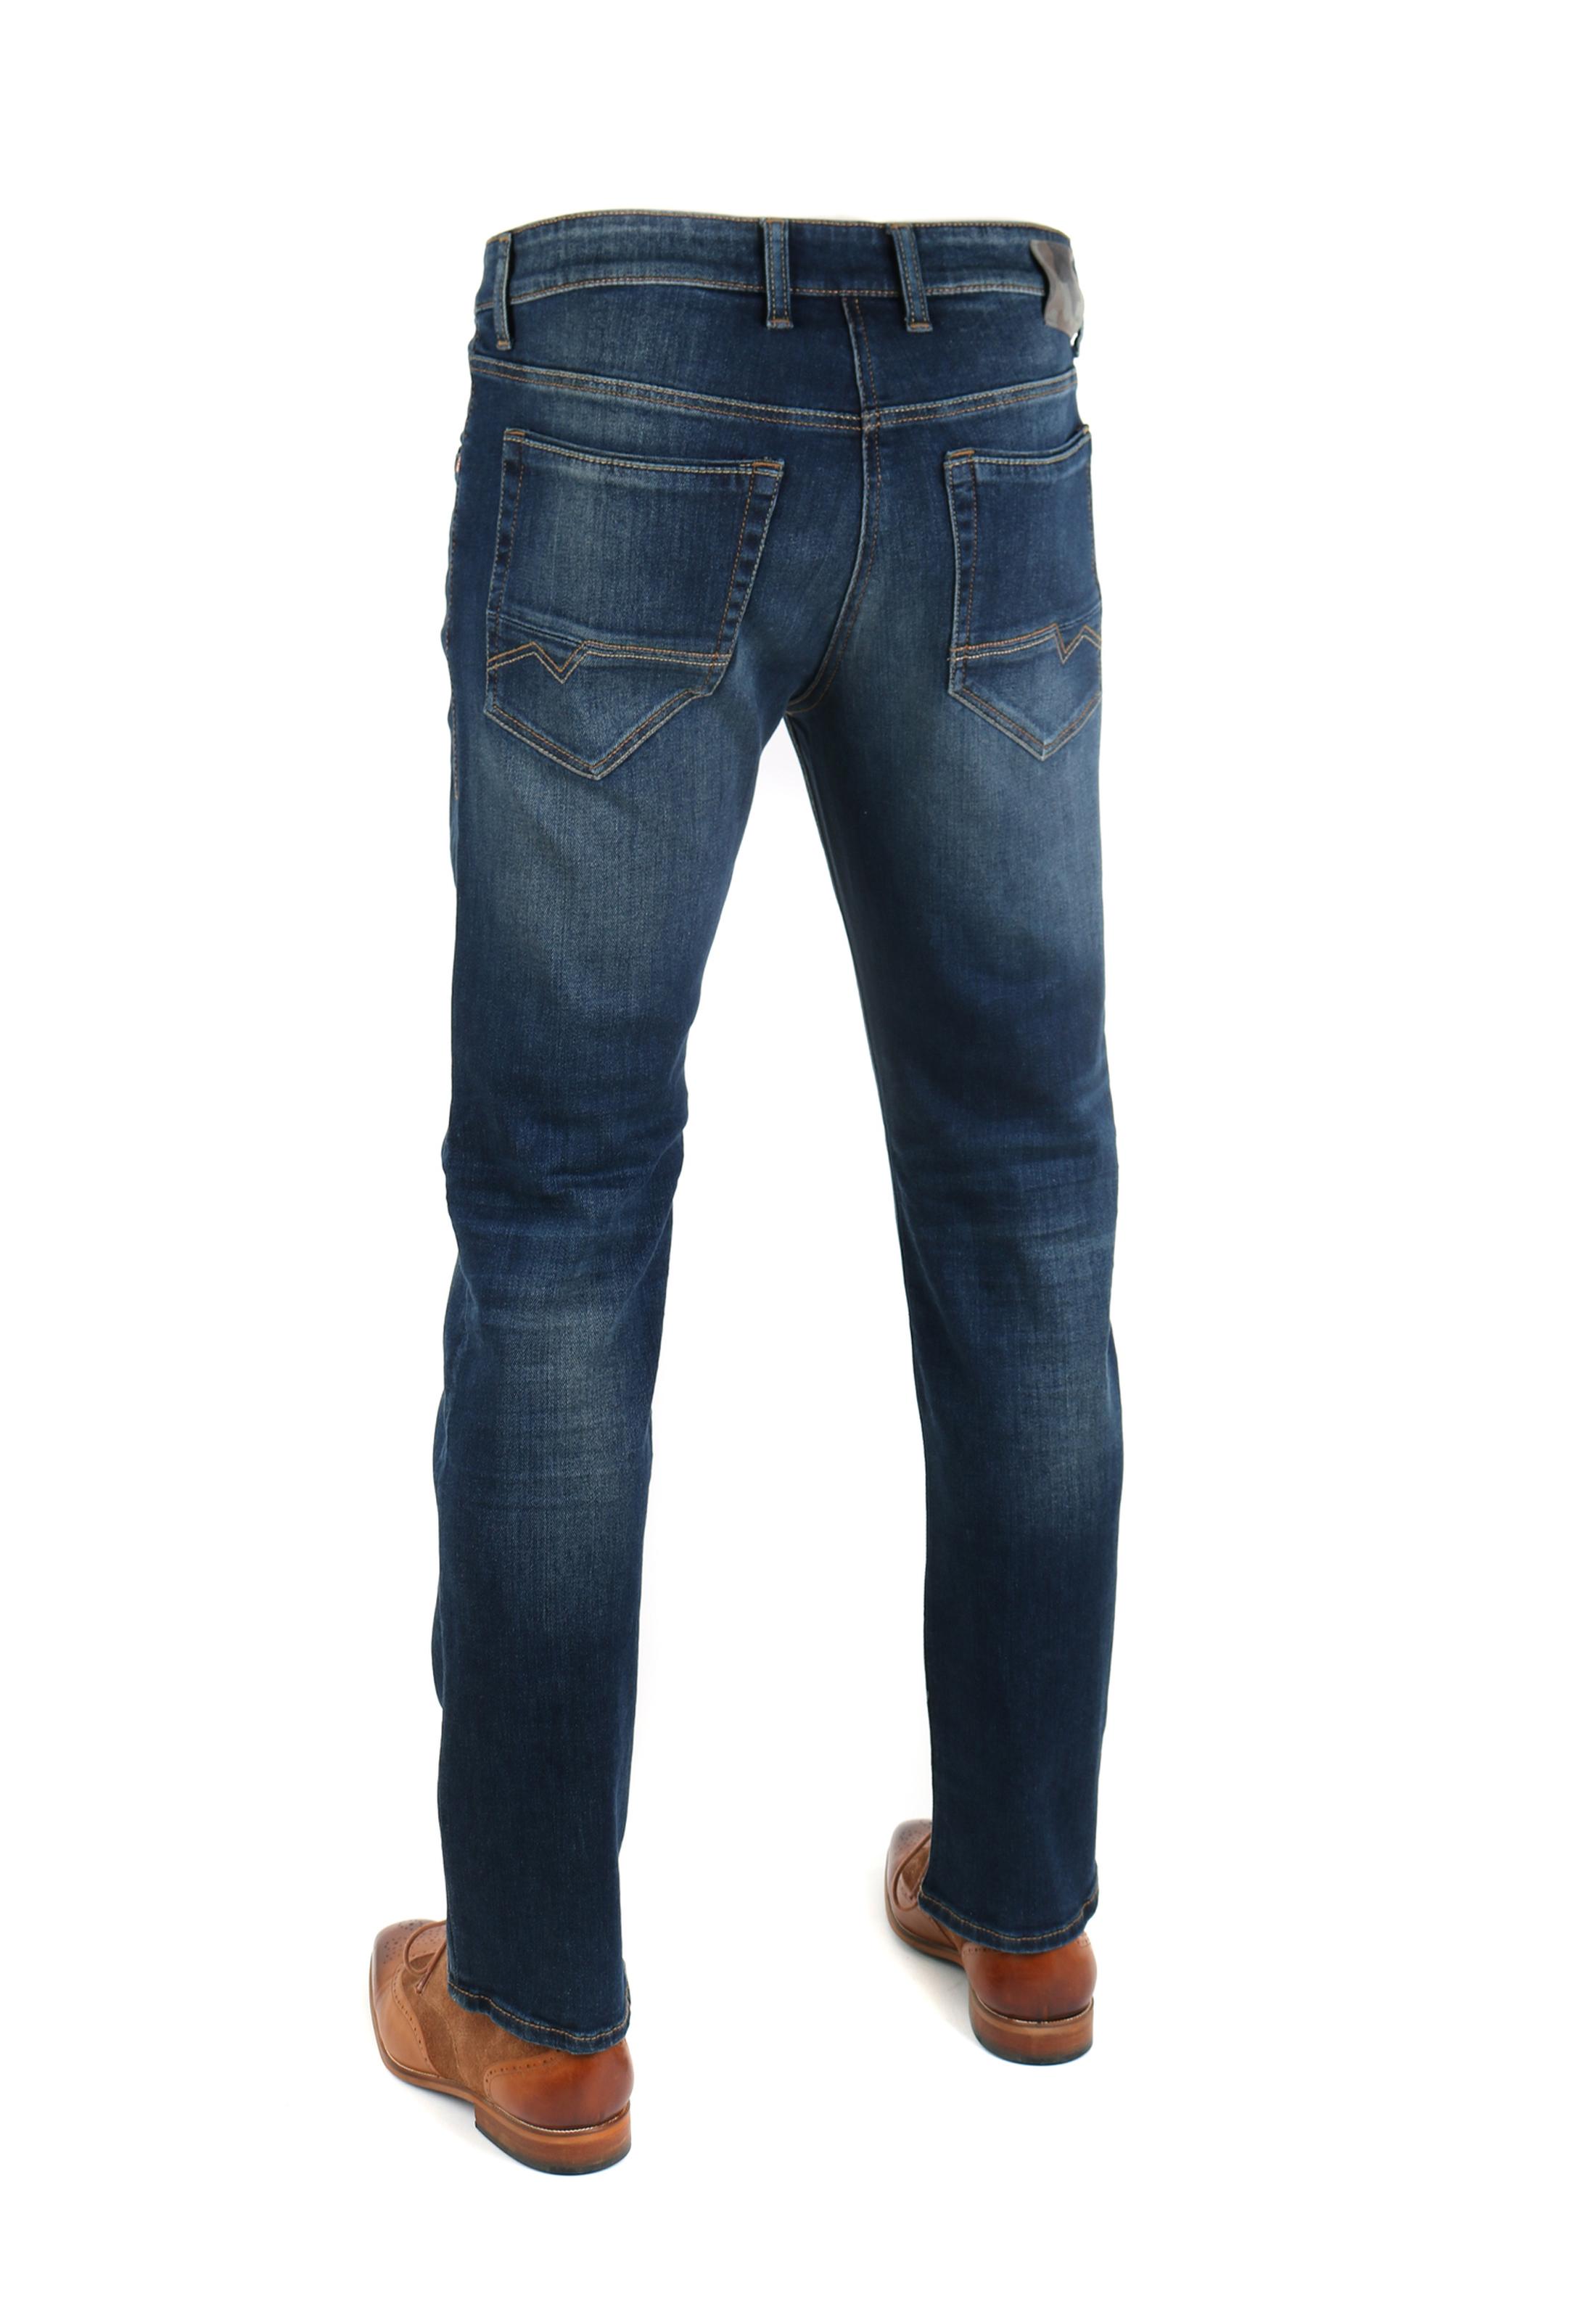 mac jeans arne pipe h688 0517 00 1973l online bestellen suitable. Black Bedroom Furniture Sets. Home Design Ideas